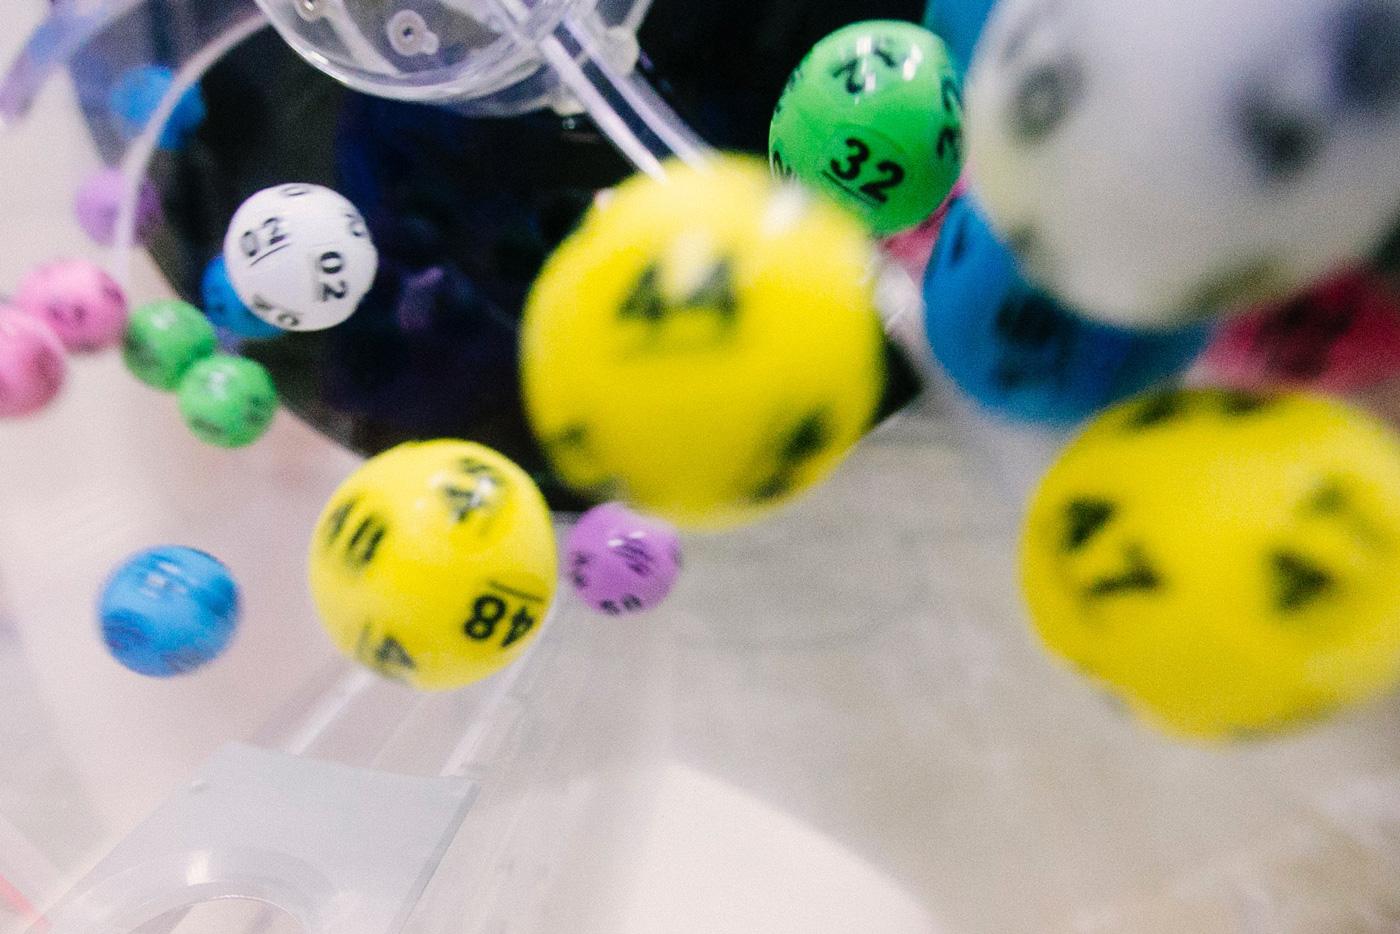 🤑 U SŠA provely lotereju sered vakcynovanyh proty COVID-19 na $1 mln. Ce zbiľšylo vakcynaciju na 45%